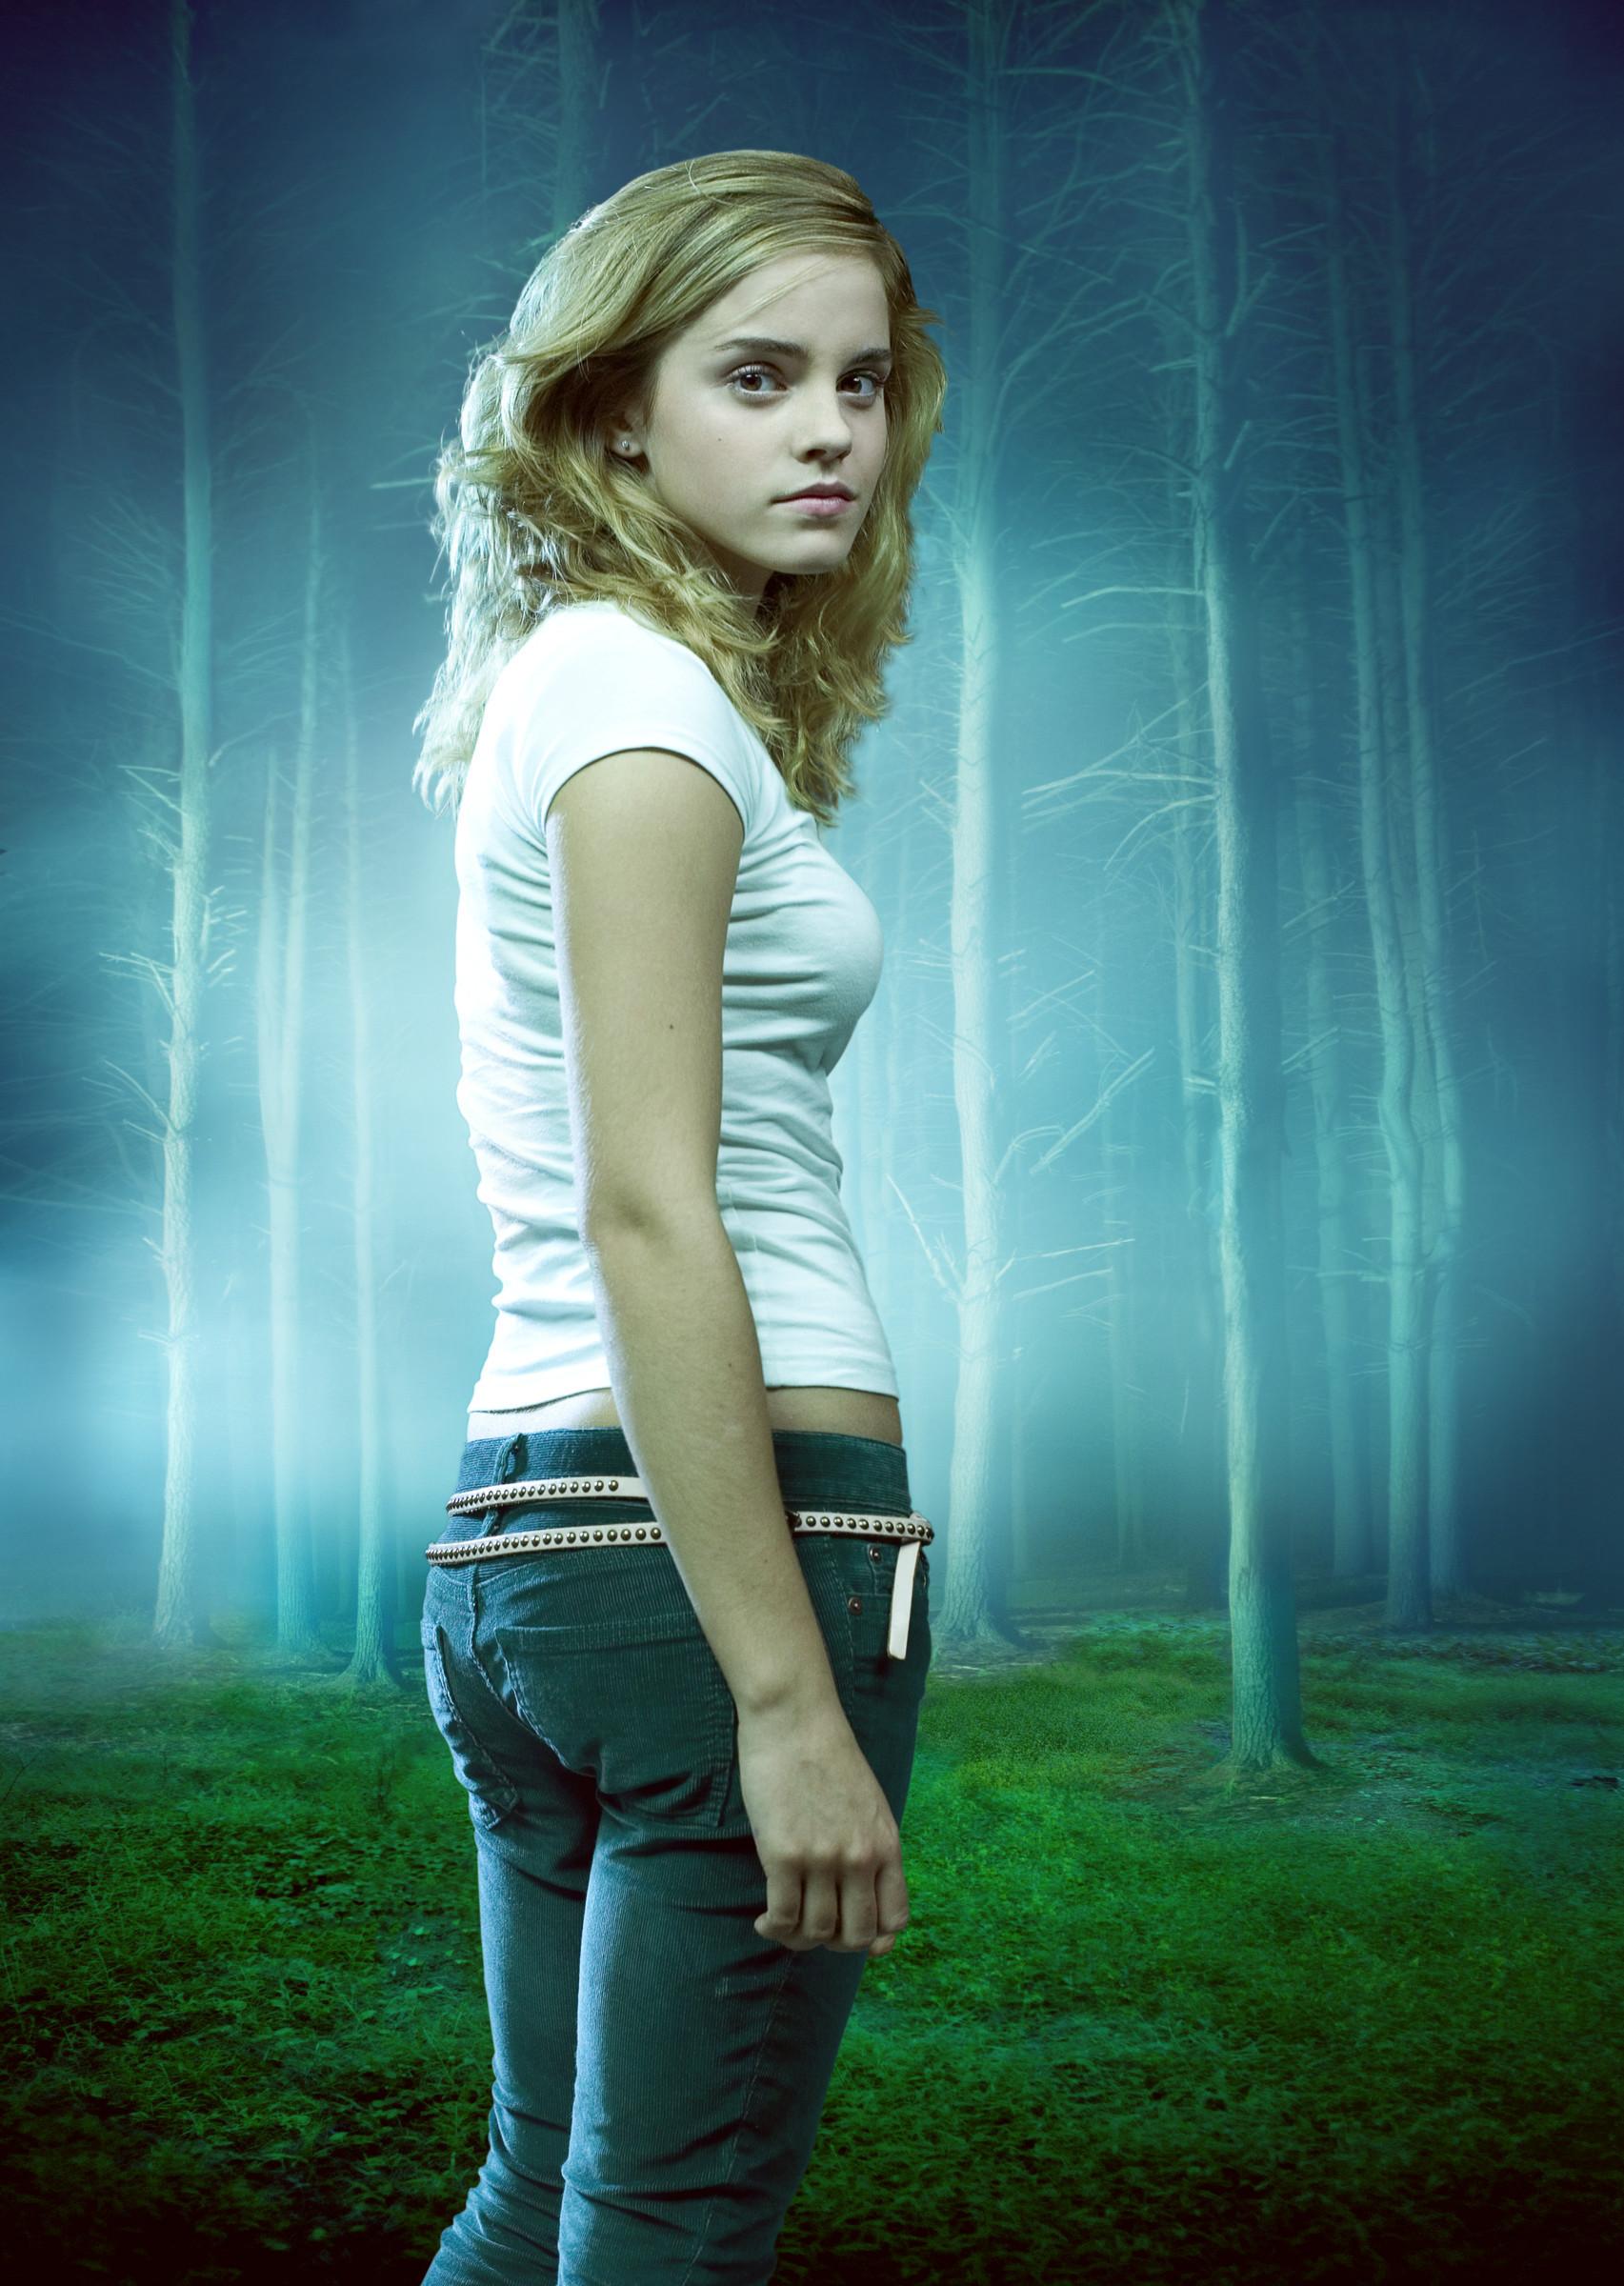 hermione ^_^ - Hermione Granger Photo (7293349) - Fanpop